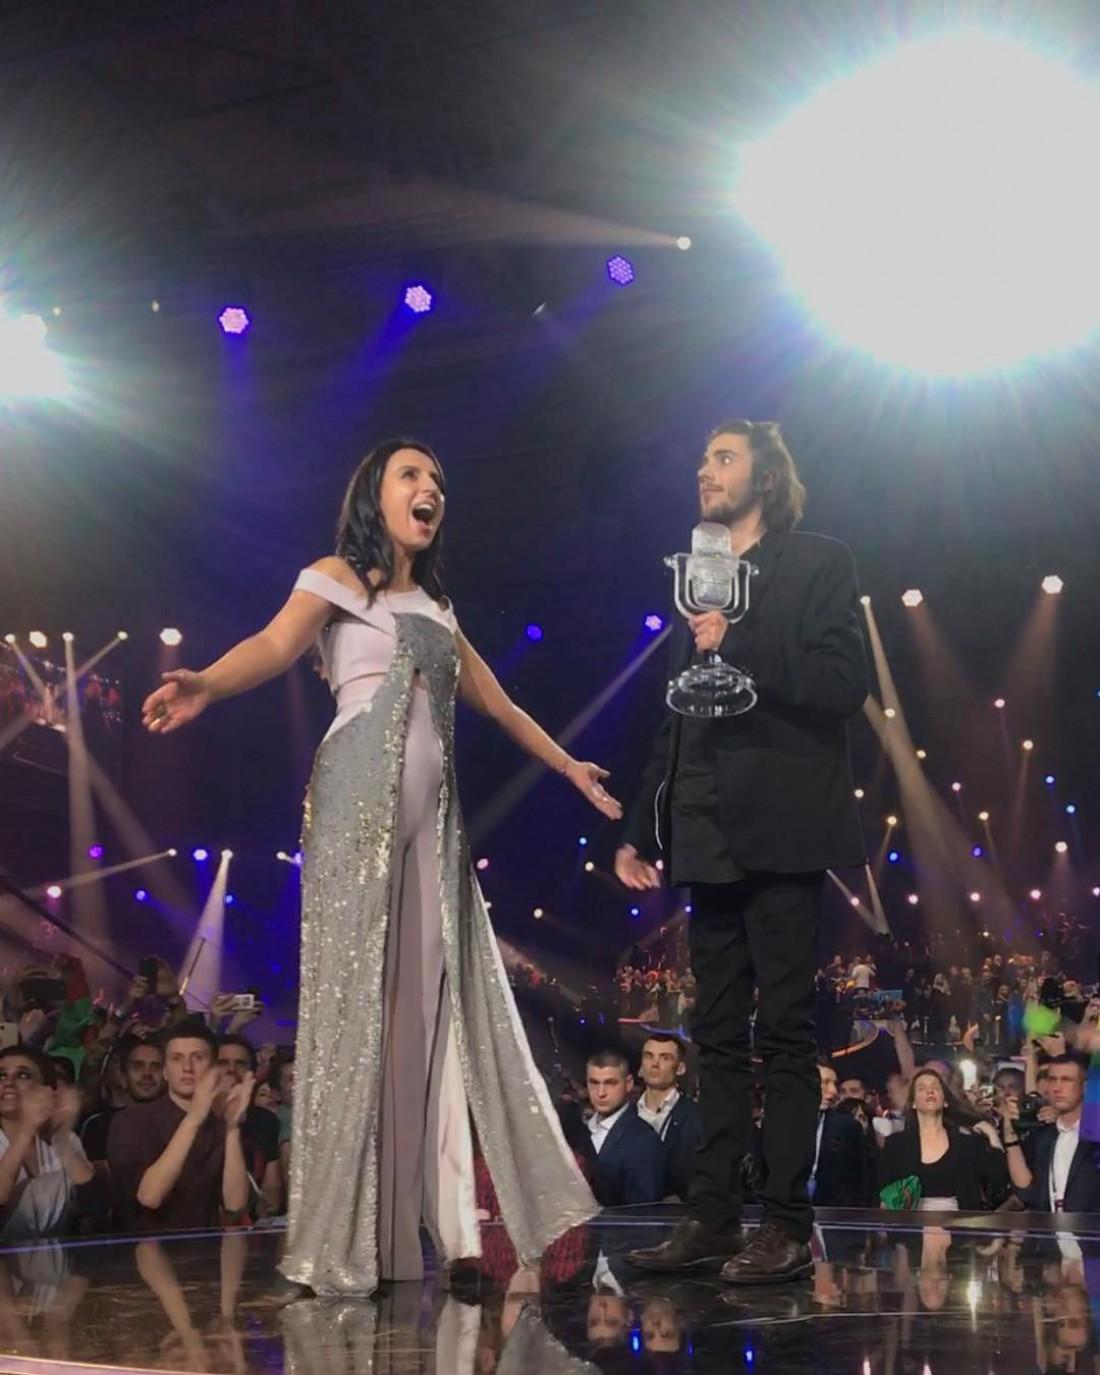 Джамала с победителем Евровидения 2017 – португальцем Сальвадором Собралом